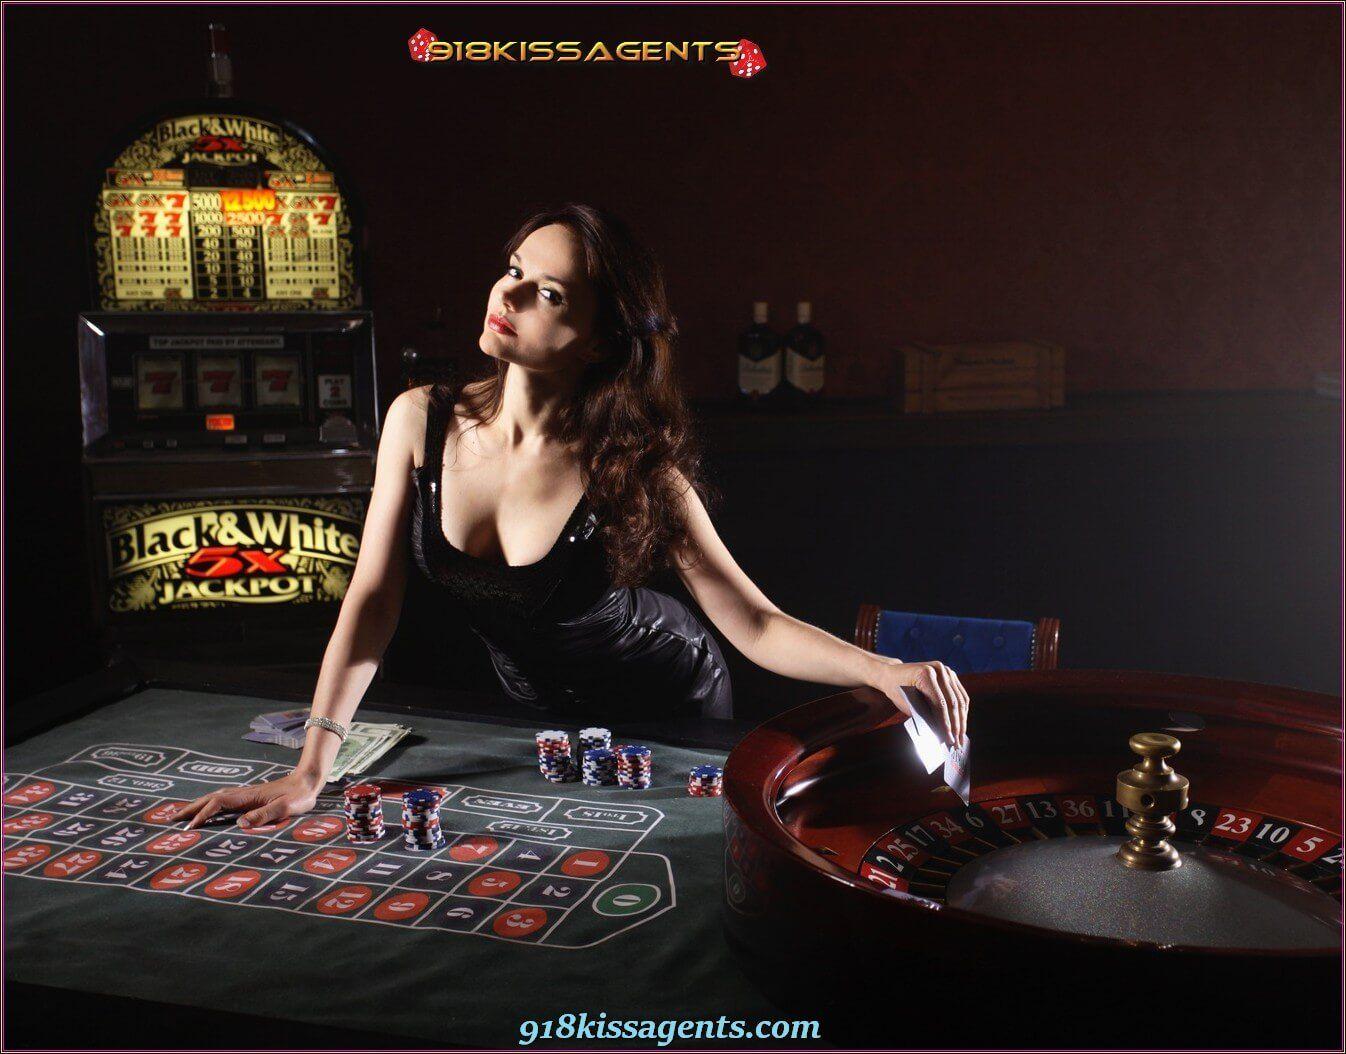 Играть онлайн казино в кредит бесплатно играть игровые автоматы пробки